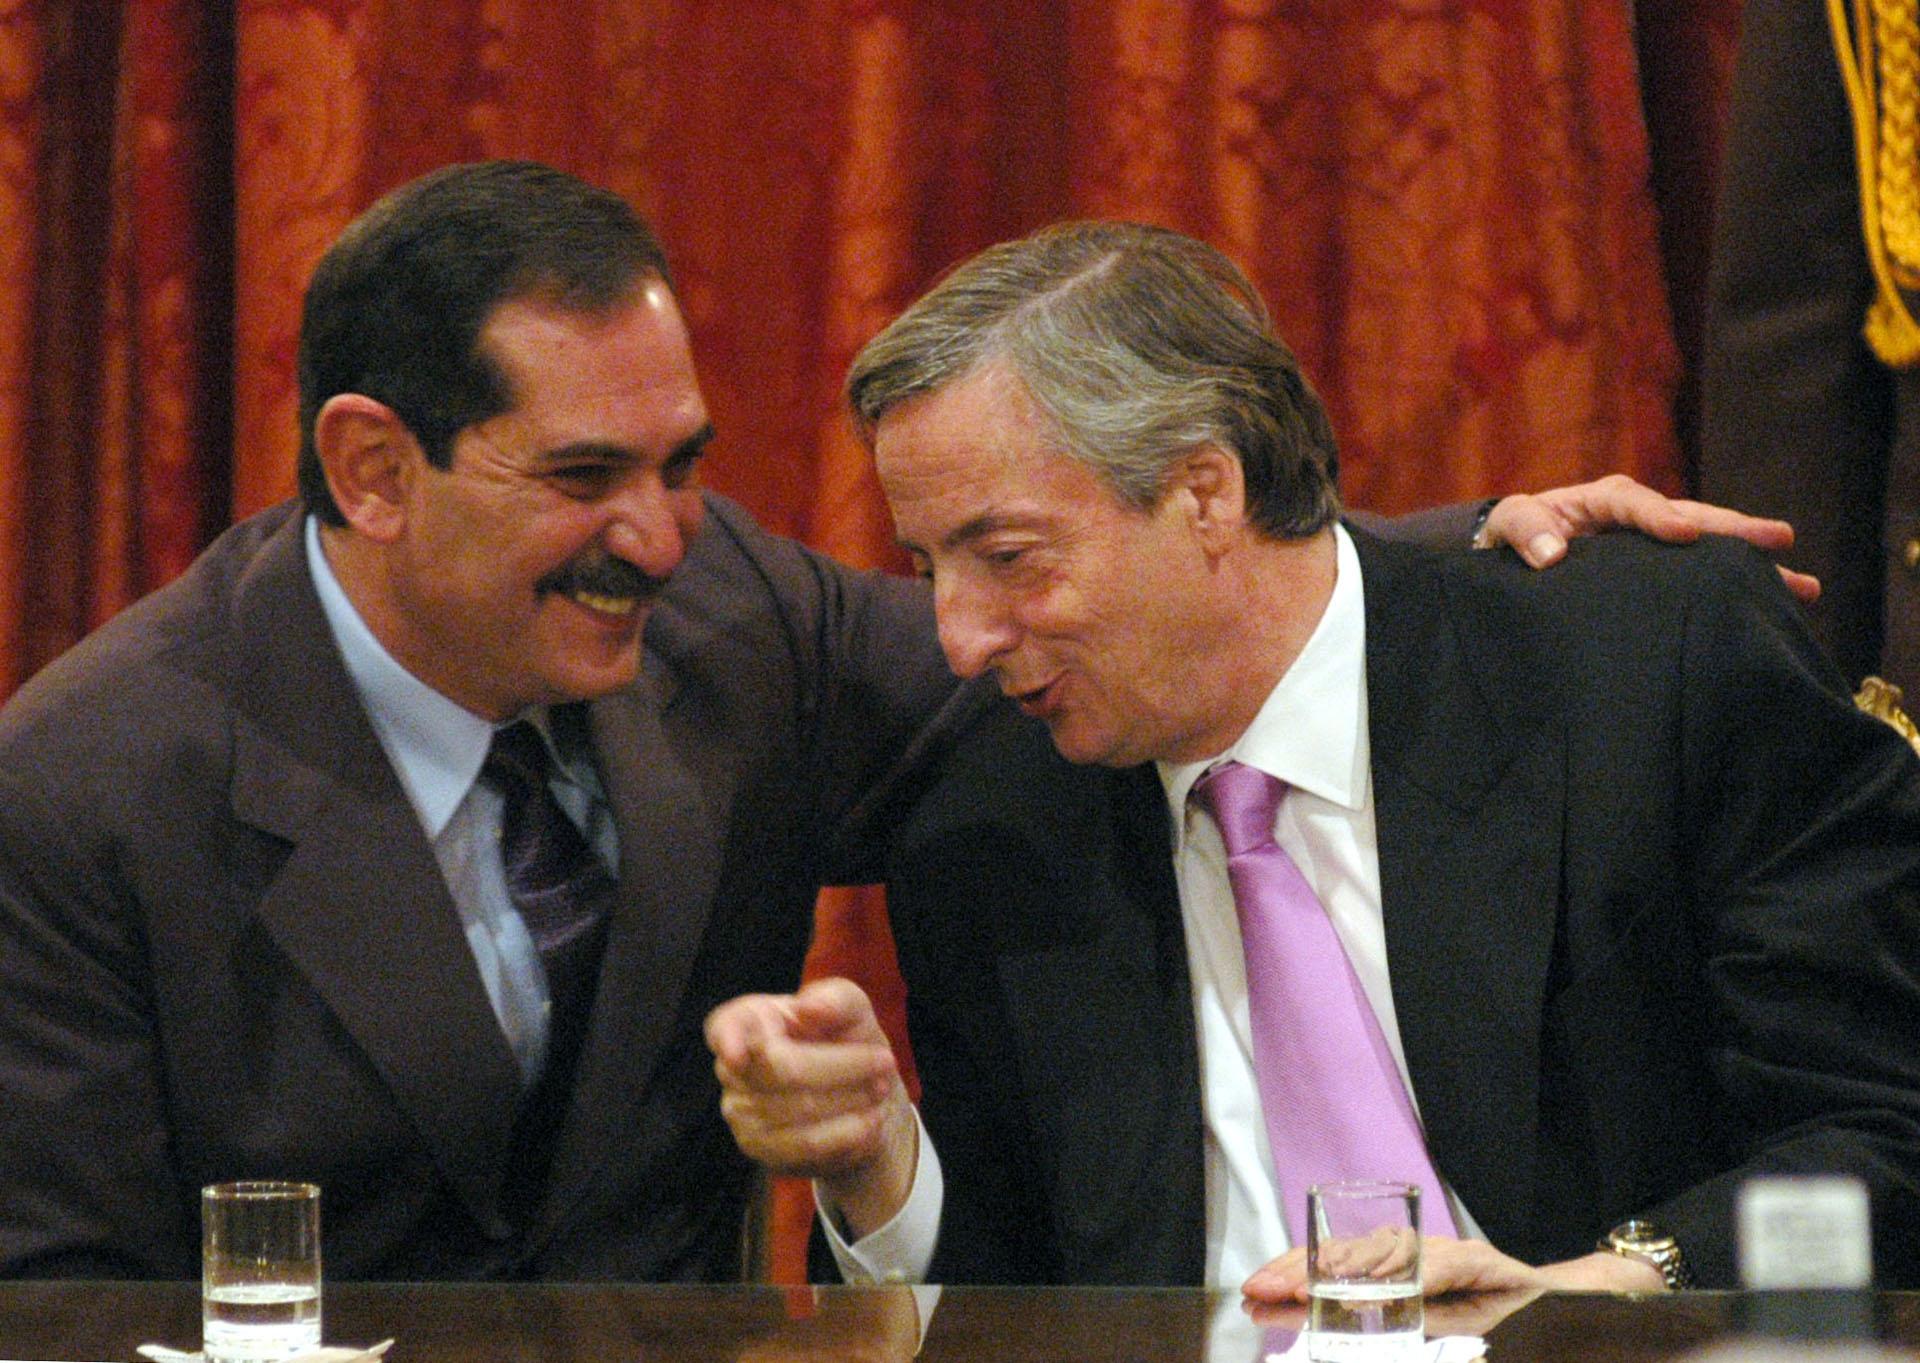 El presidente Néstor Kirchner junto al gobernador de Tucumán, José Alperovich, durante un acto realizado en Casa de Gobierno